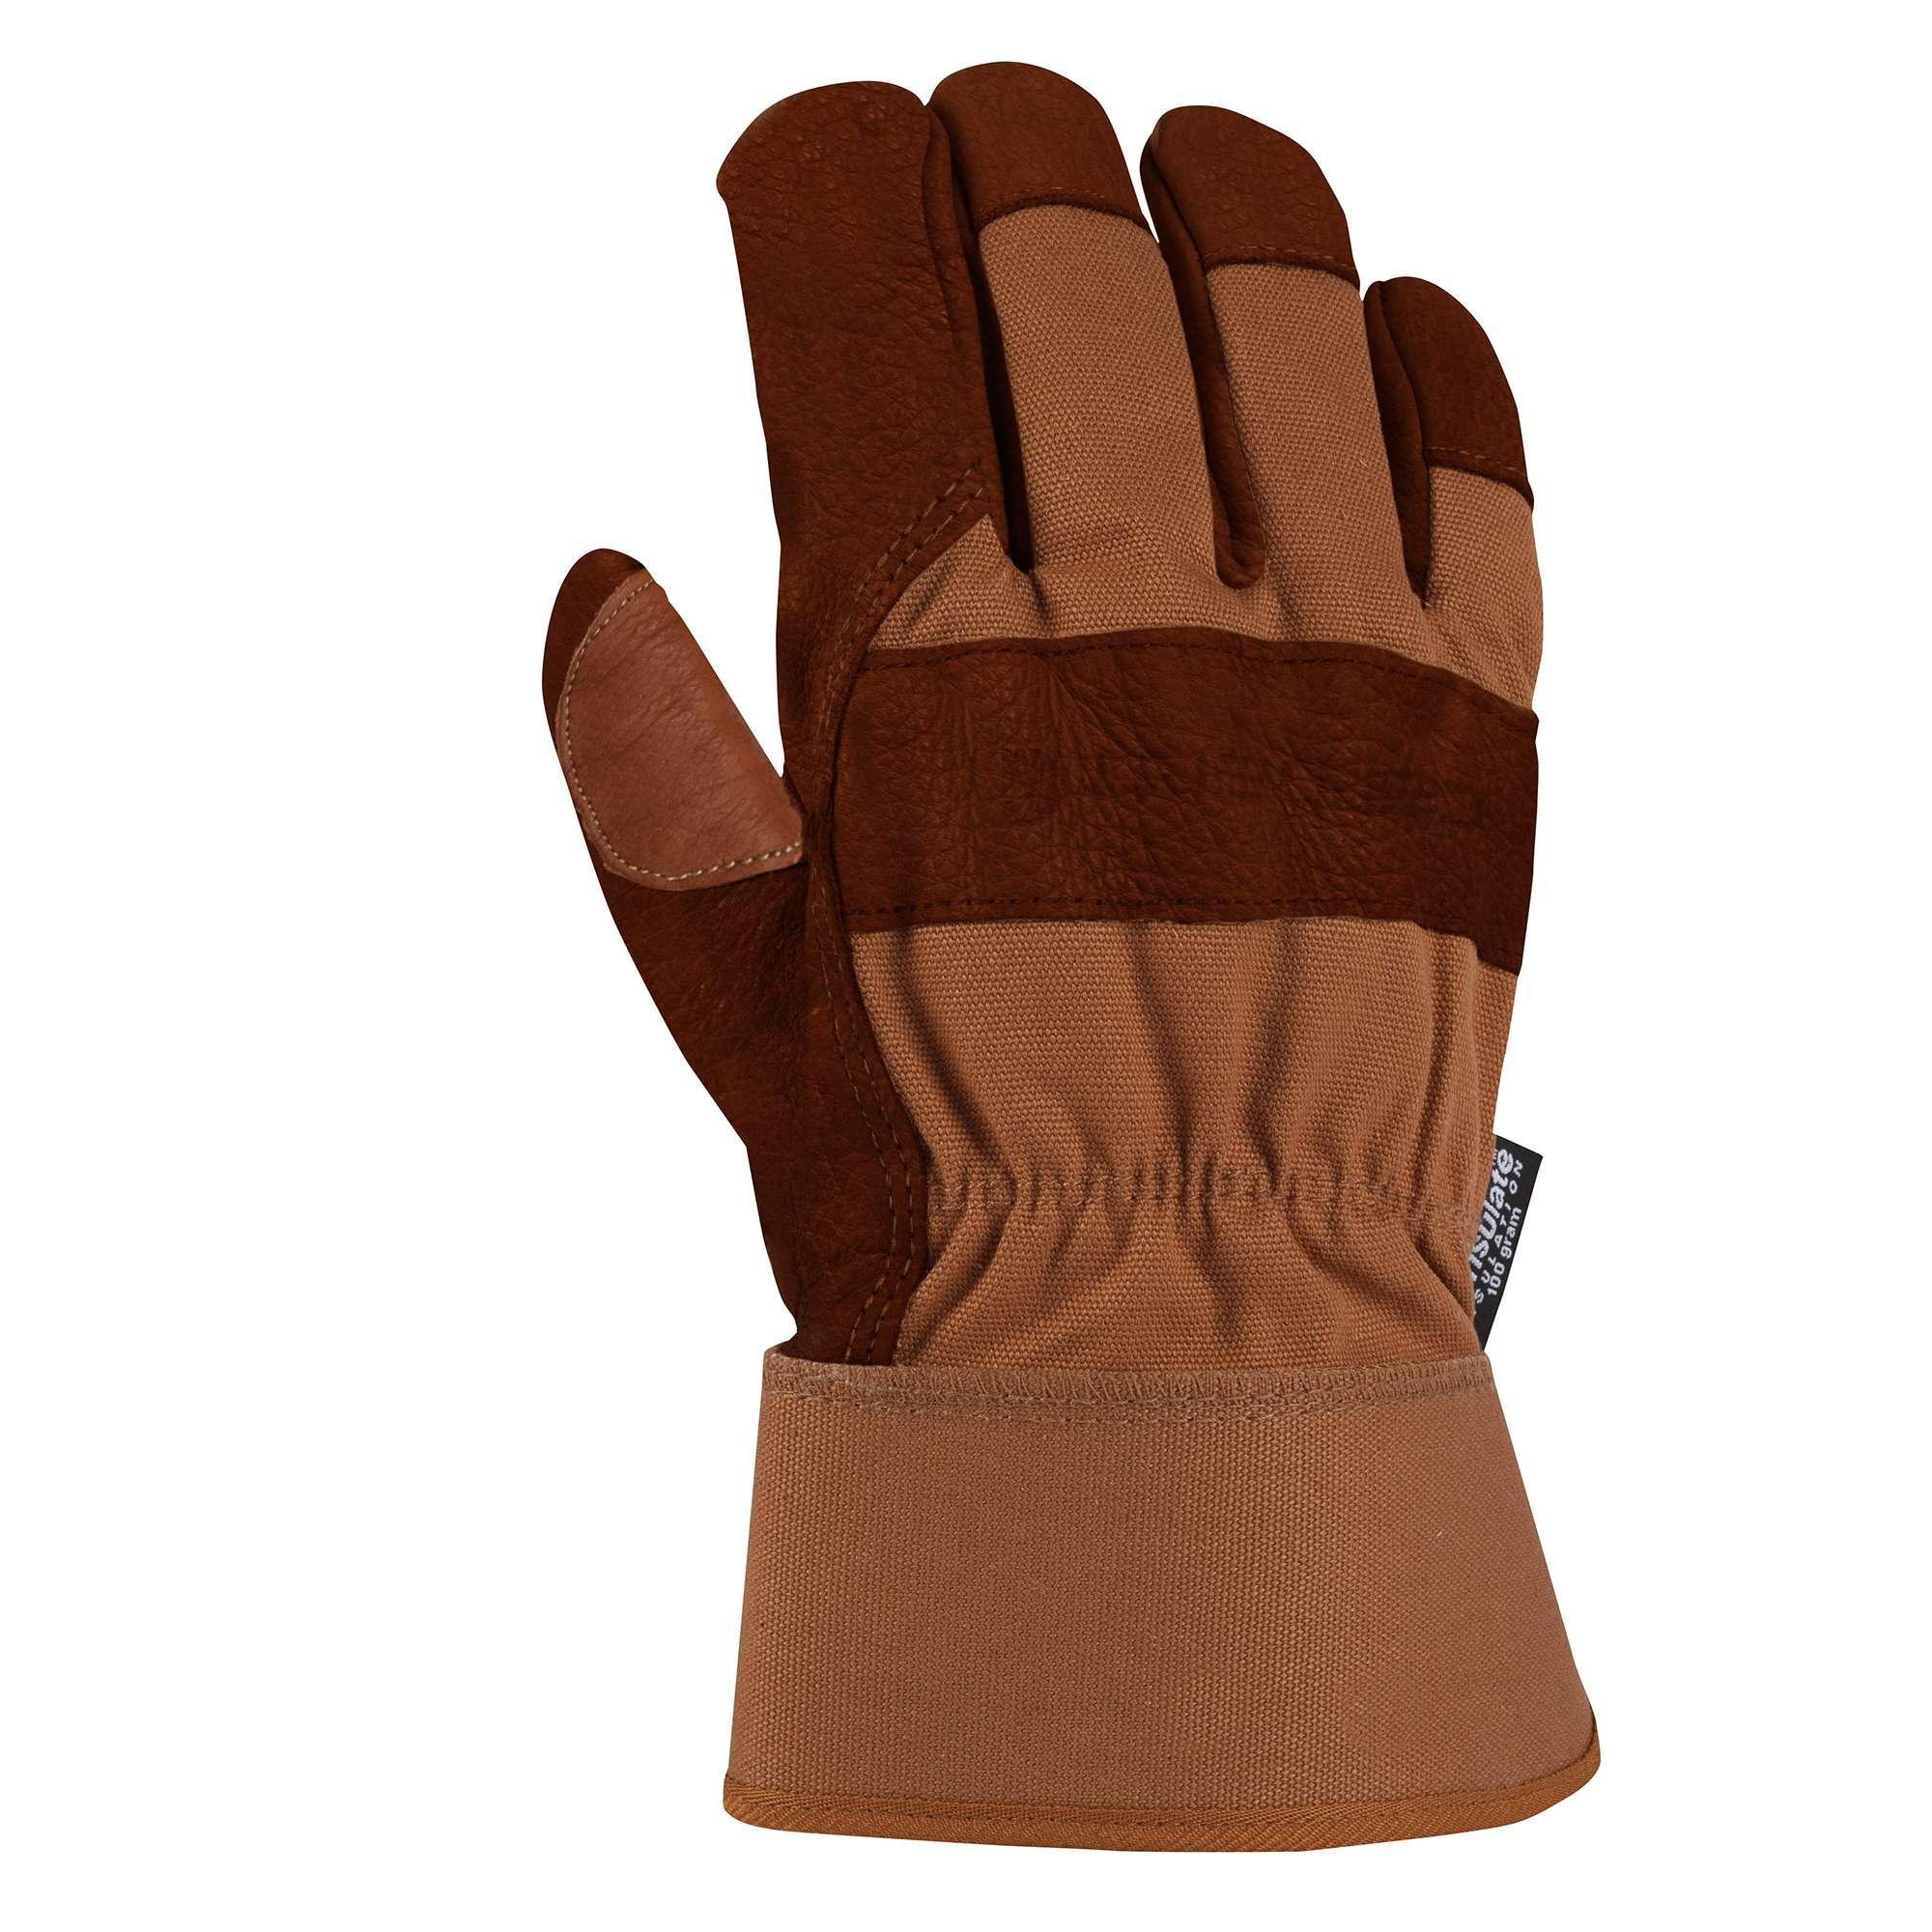 Carhartt Insulated Bison Leather Safety Cuff Work Glove